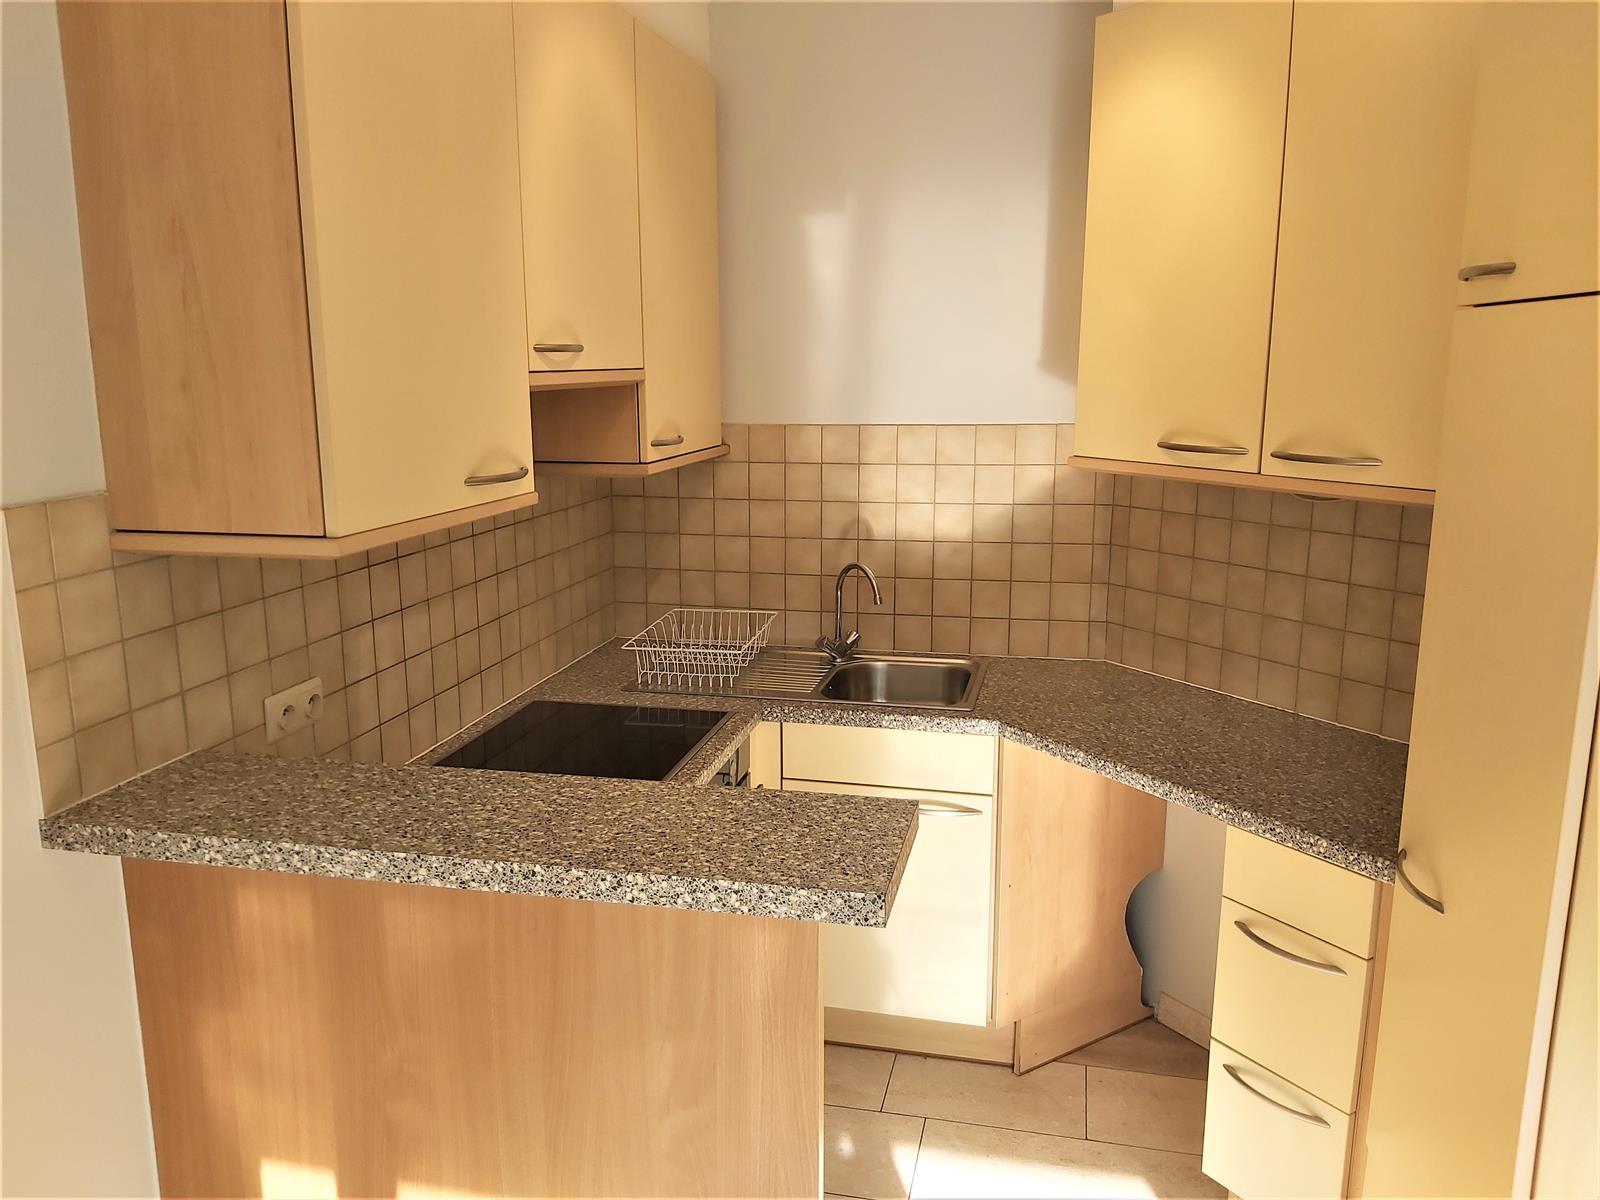 Appartement - Ottignies-Louvain-la-Neuve - #4498228-5